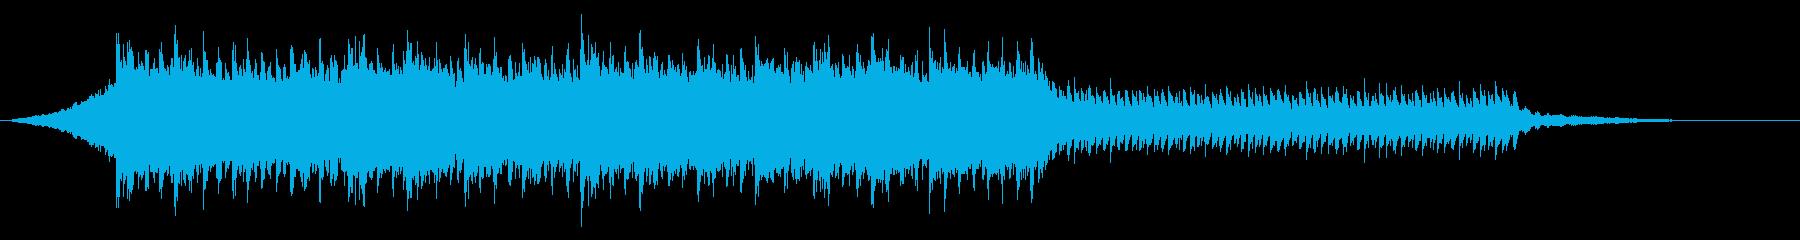 コンセプトムービ<60秒CM>未来のCMの再生済みの波形